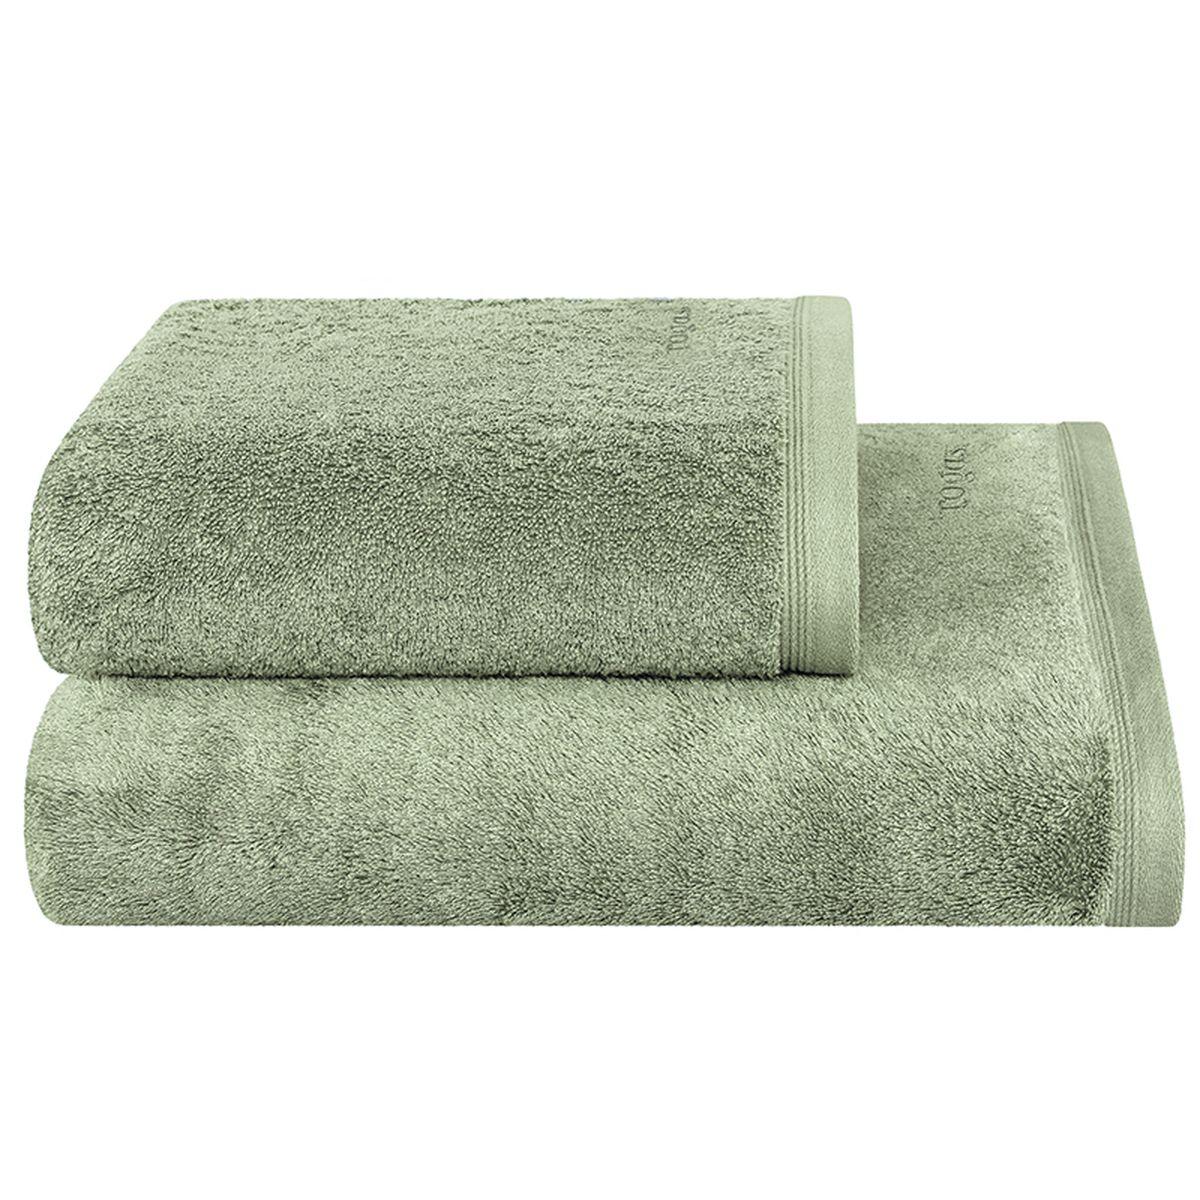 Полотенце Togas Пуатье, цвет: зеленый, 50 х 100 см68/5/3Полотенце Togas Пуатье невероятно гармонично сочетает в себе лучшие качества современного махрового текстиля. Безупречные по качеству, экологичное полотенце из 70% хлопка и 30% модала идеально заботится о вашей коже, особенно после душа, когда вы расслаблены и особо уязвимы. Деликатный дизайн полотенца Togas «Пуатье» - воплощение изысканной простоты, где на первый план выходит качество материала. Невероятно мягкое волокно модал, превосходящее по своим свойствам даже хлопок, позволяет улучшить впитывающие качества полотенца и делает его удивительно мягким. Модал - это 100% натуральное, экологически чистое целлюлозное волокно. Оно производится без применения каких-либо химических примесей, поэтому абсолютно гипоаллергенно.Полотенце Togas Пуатье, обладающее идеальными качествами, будет поднимать вам настроение.